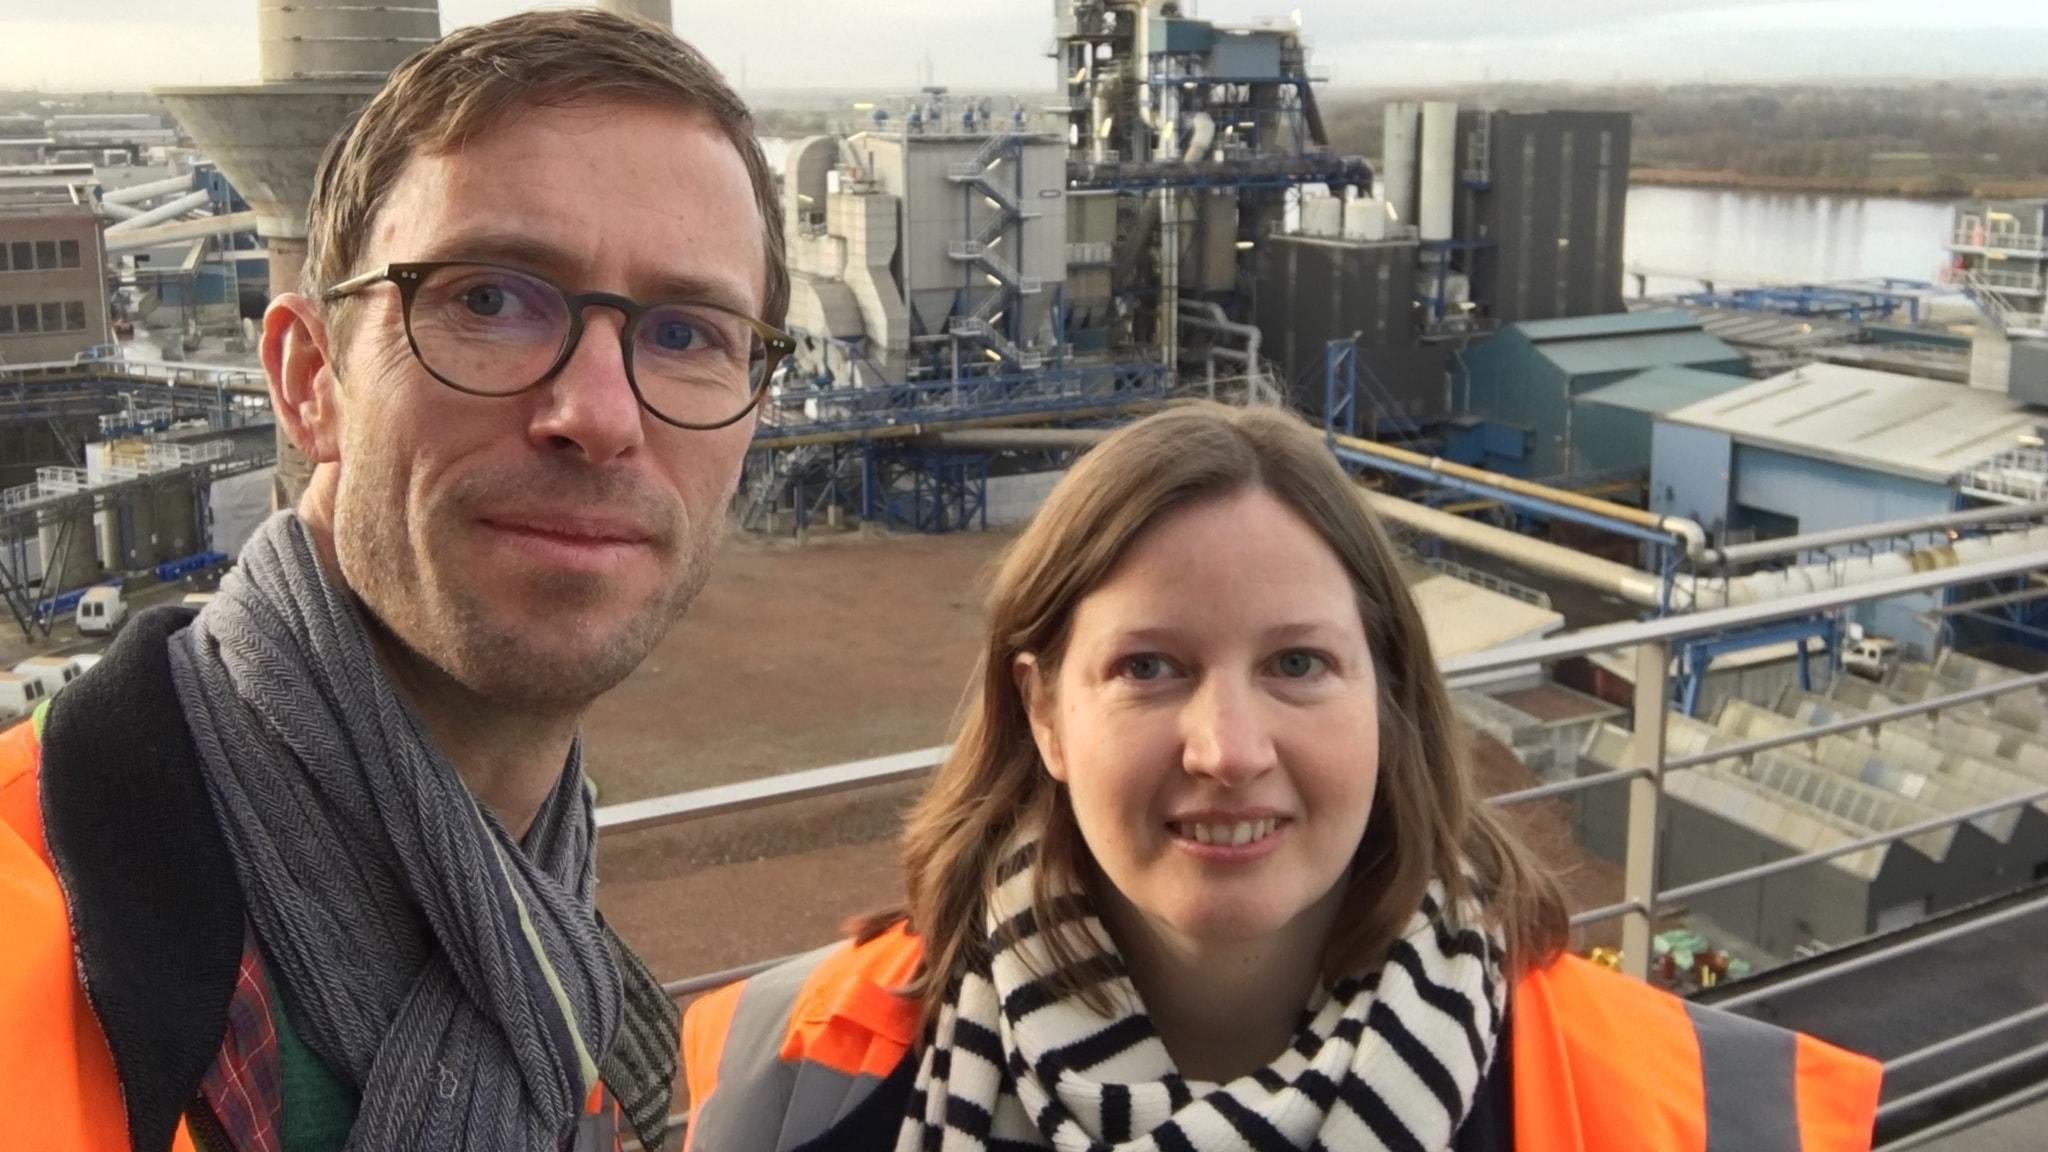 En man och en kvinna står framför en fabrik som återvinner laddbara batterier